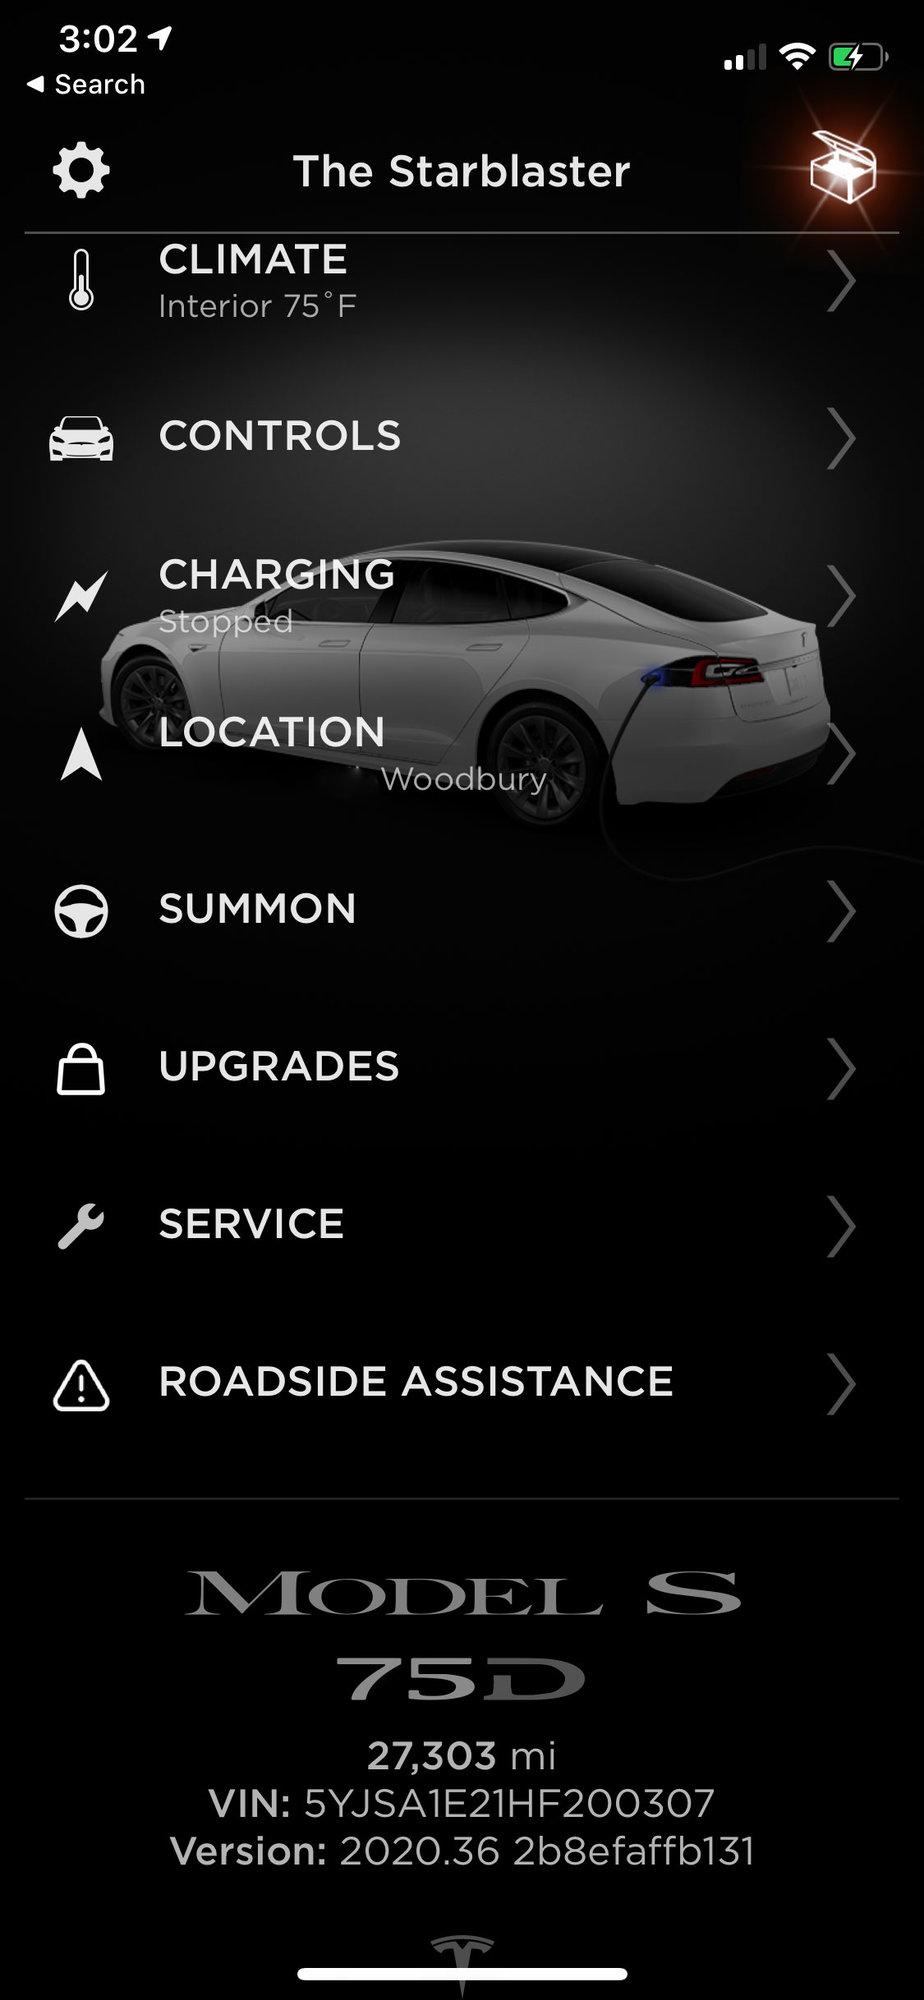 app-vin-and-miles.jpg